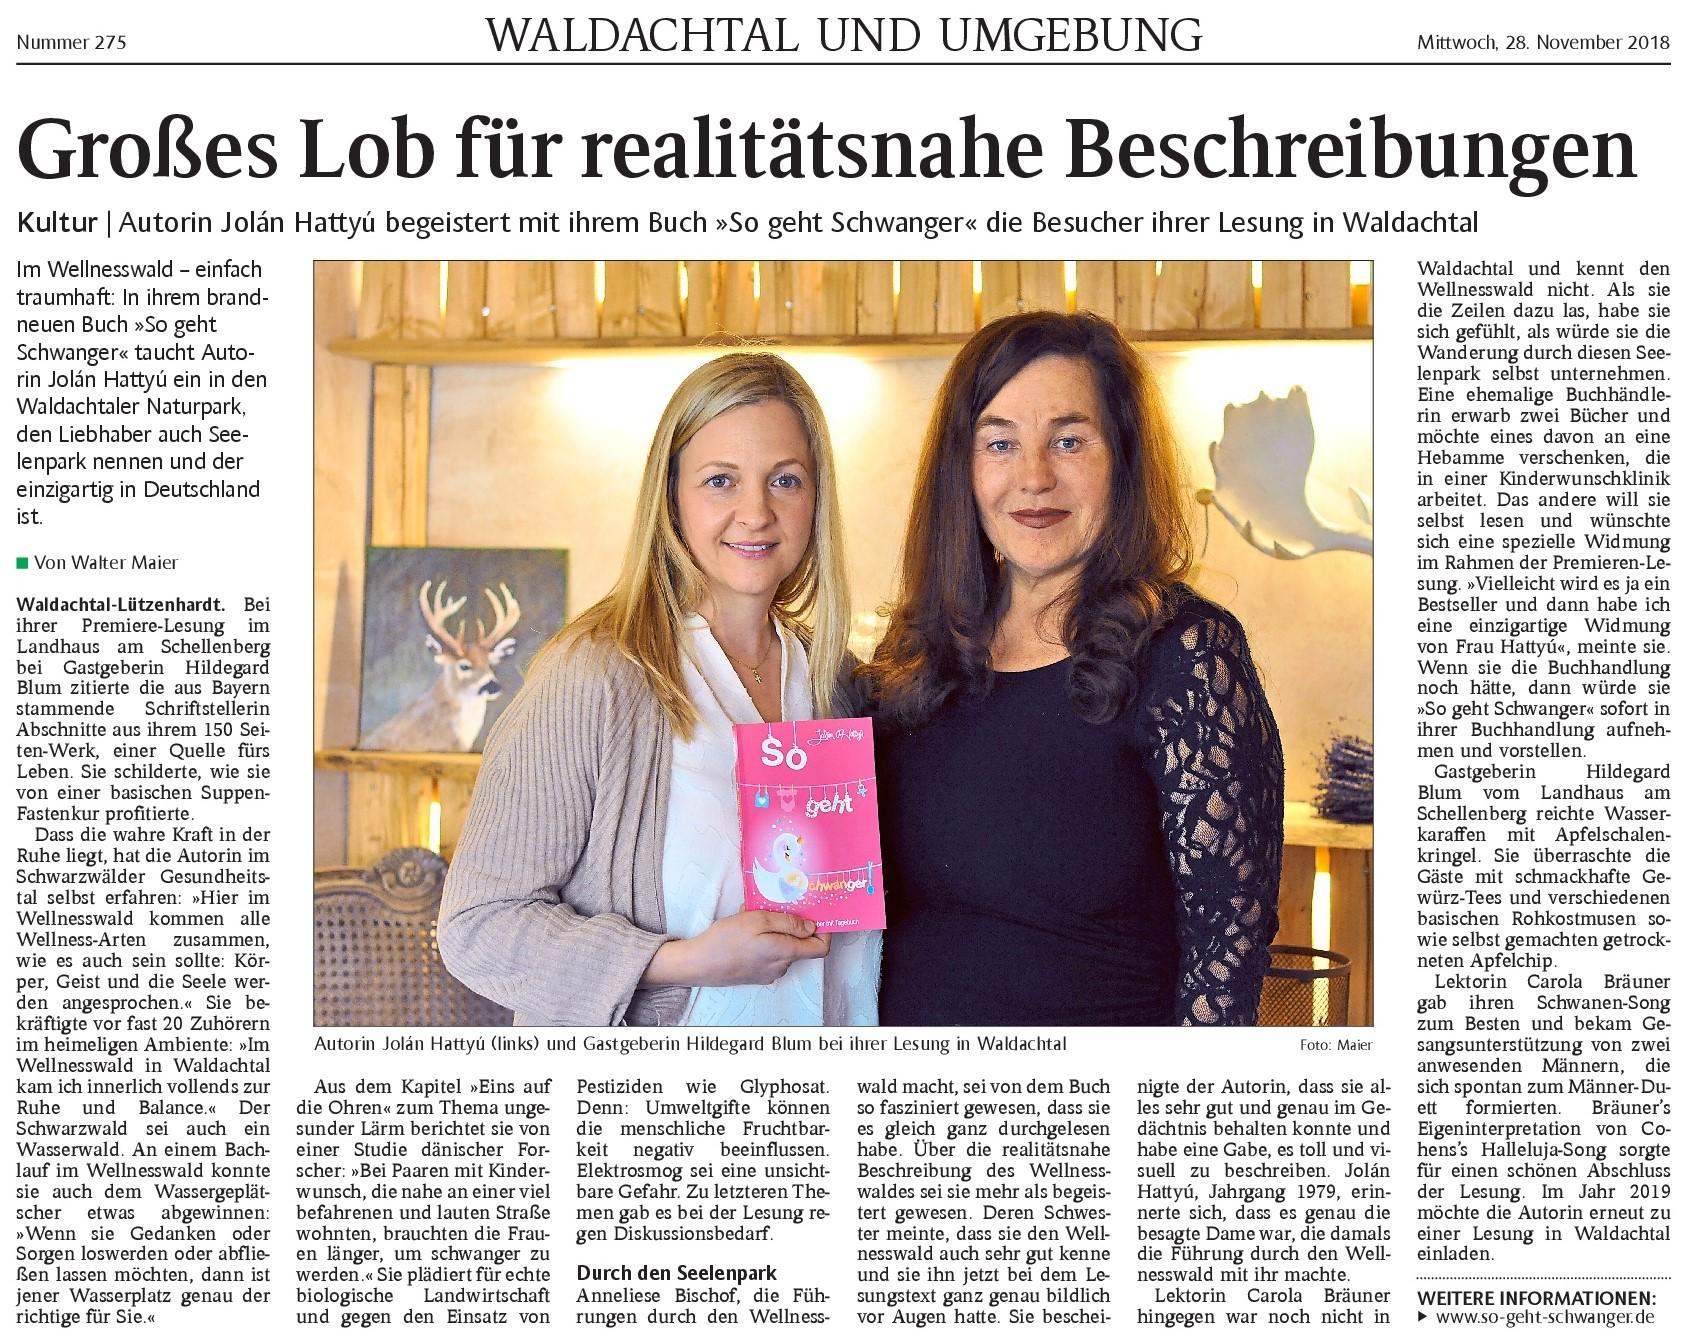 Schwarzwälder Bote Nachbericht Premieren-Lesung